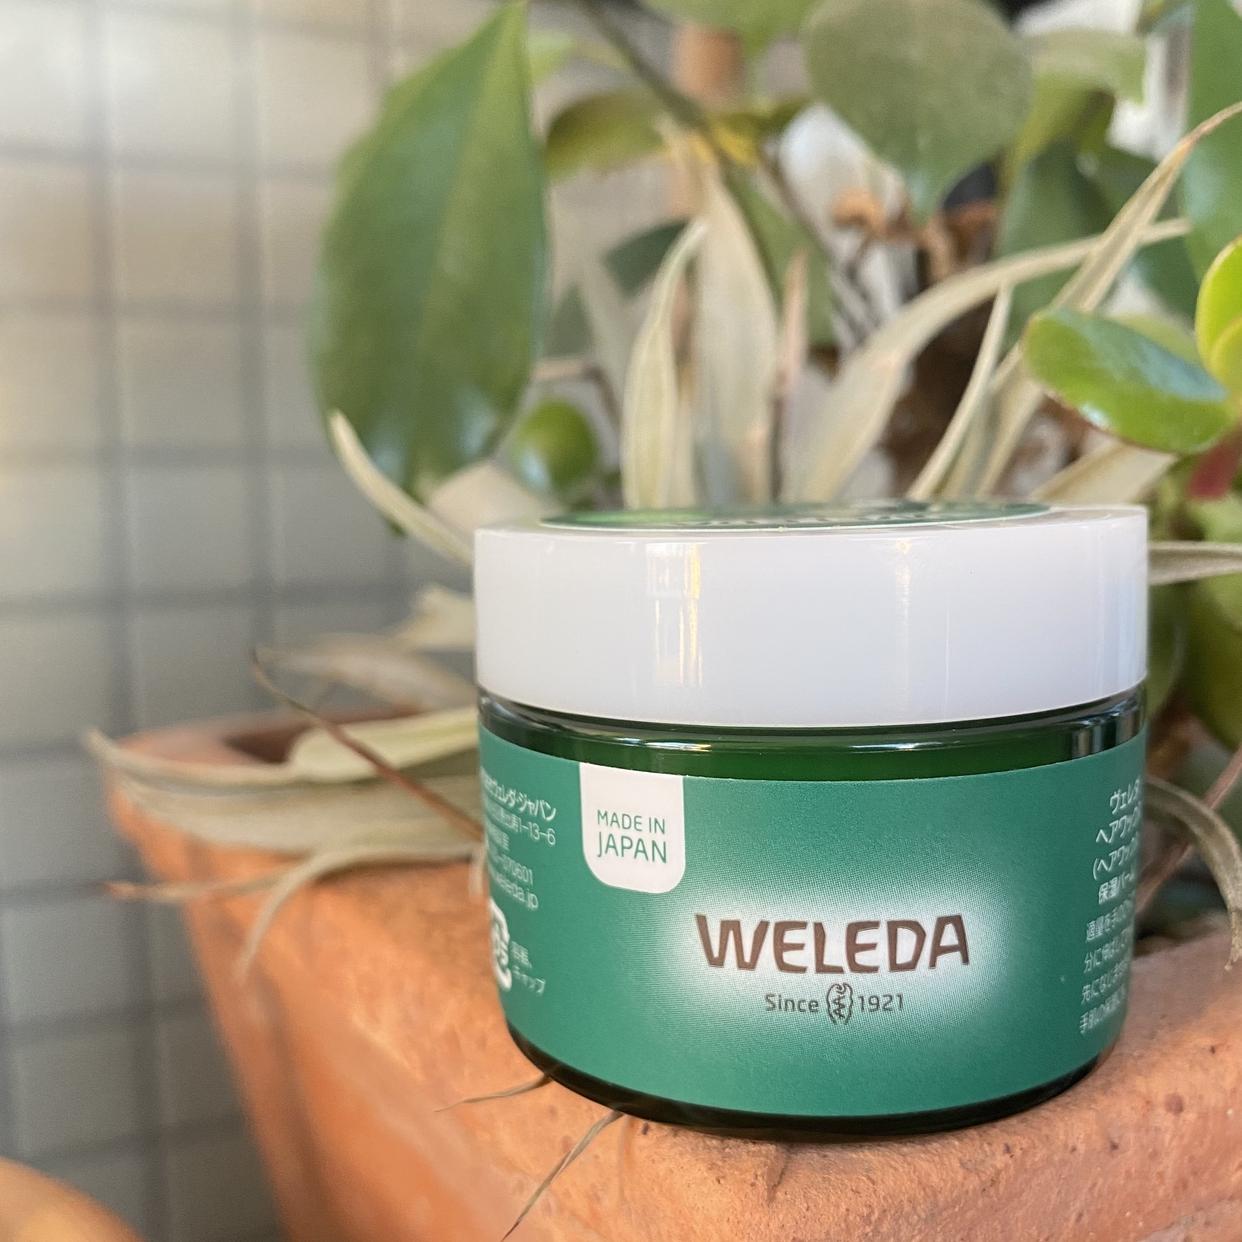 WELEDA(ヴェレダ)ヘアワックスを使ったHimachinさんのクチコミ画像